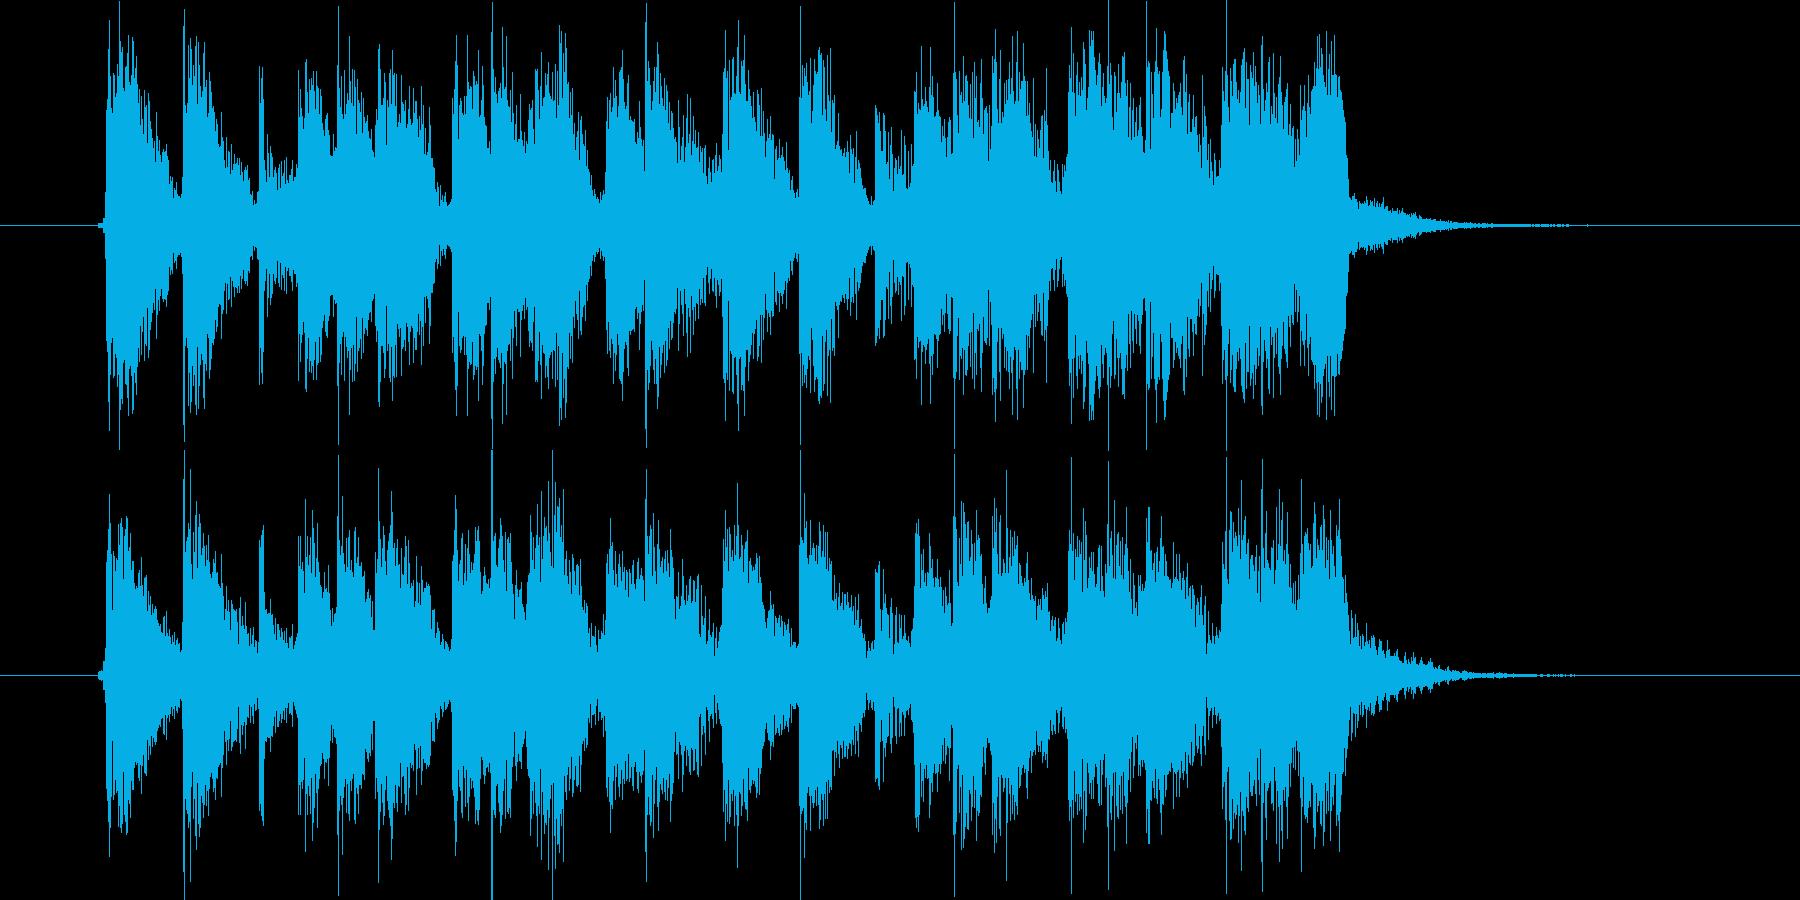 明るくて弾けたロックバンドのジングル曲の再生済みの波形